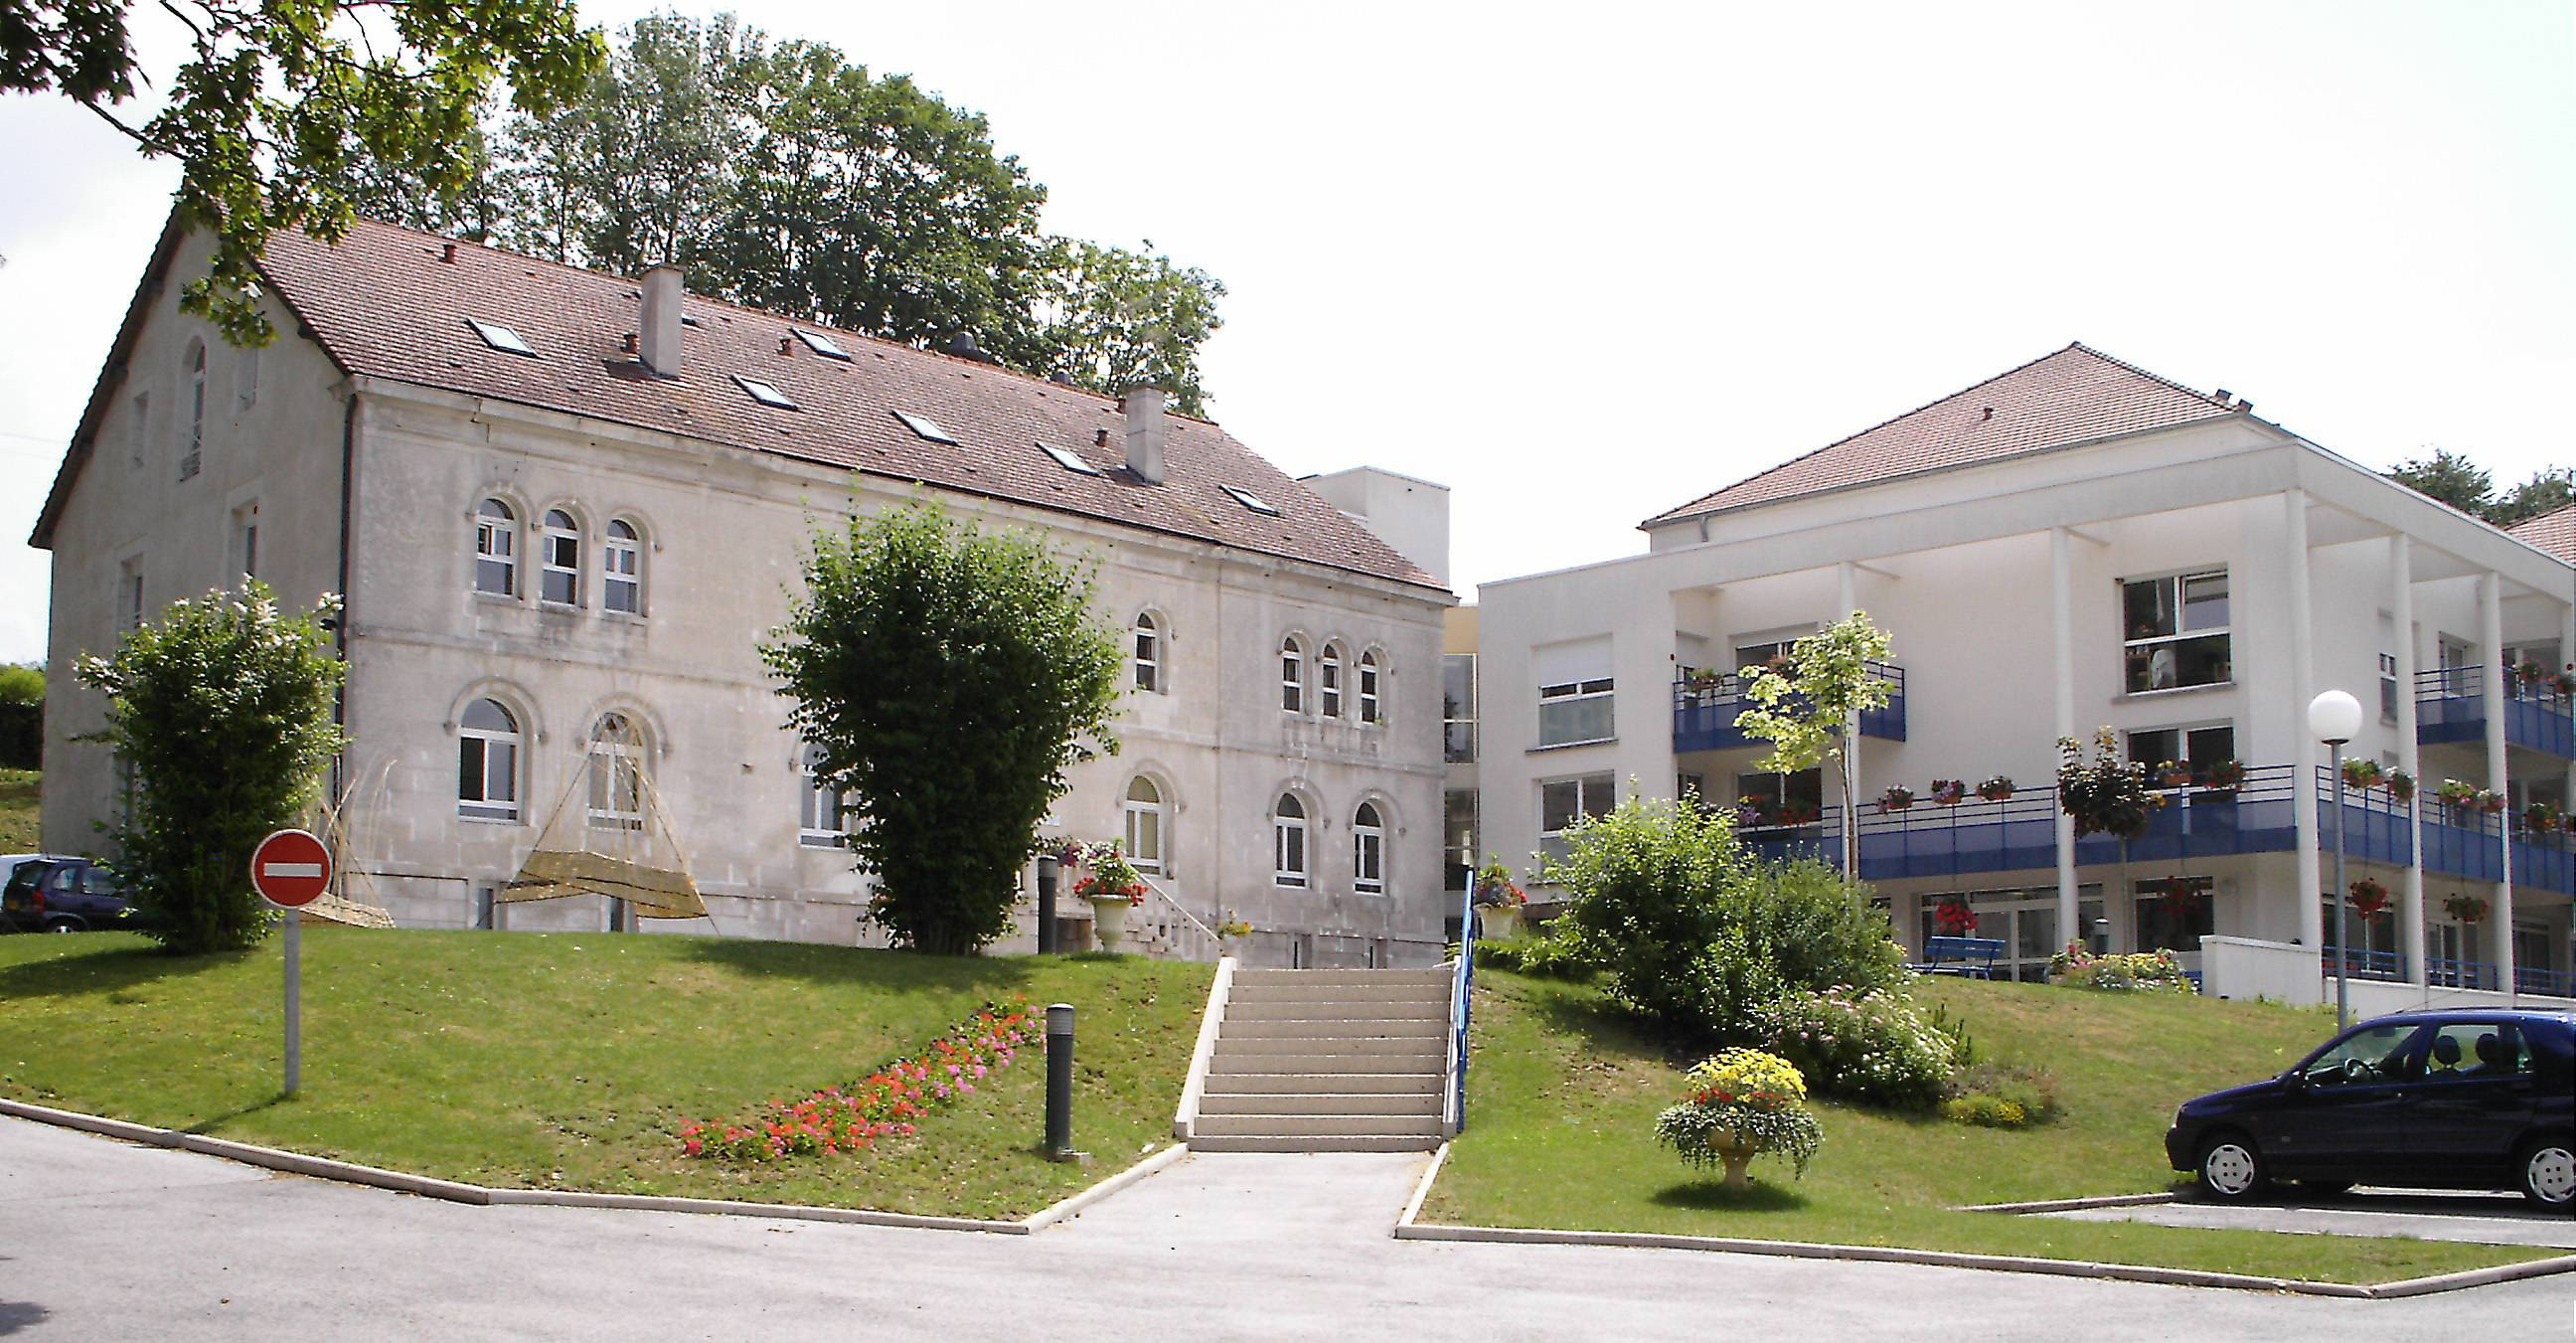 Maison de retraite saint martin arc en barrois for Annuaire maison de retraite